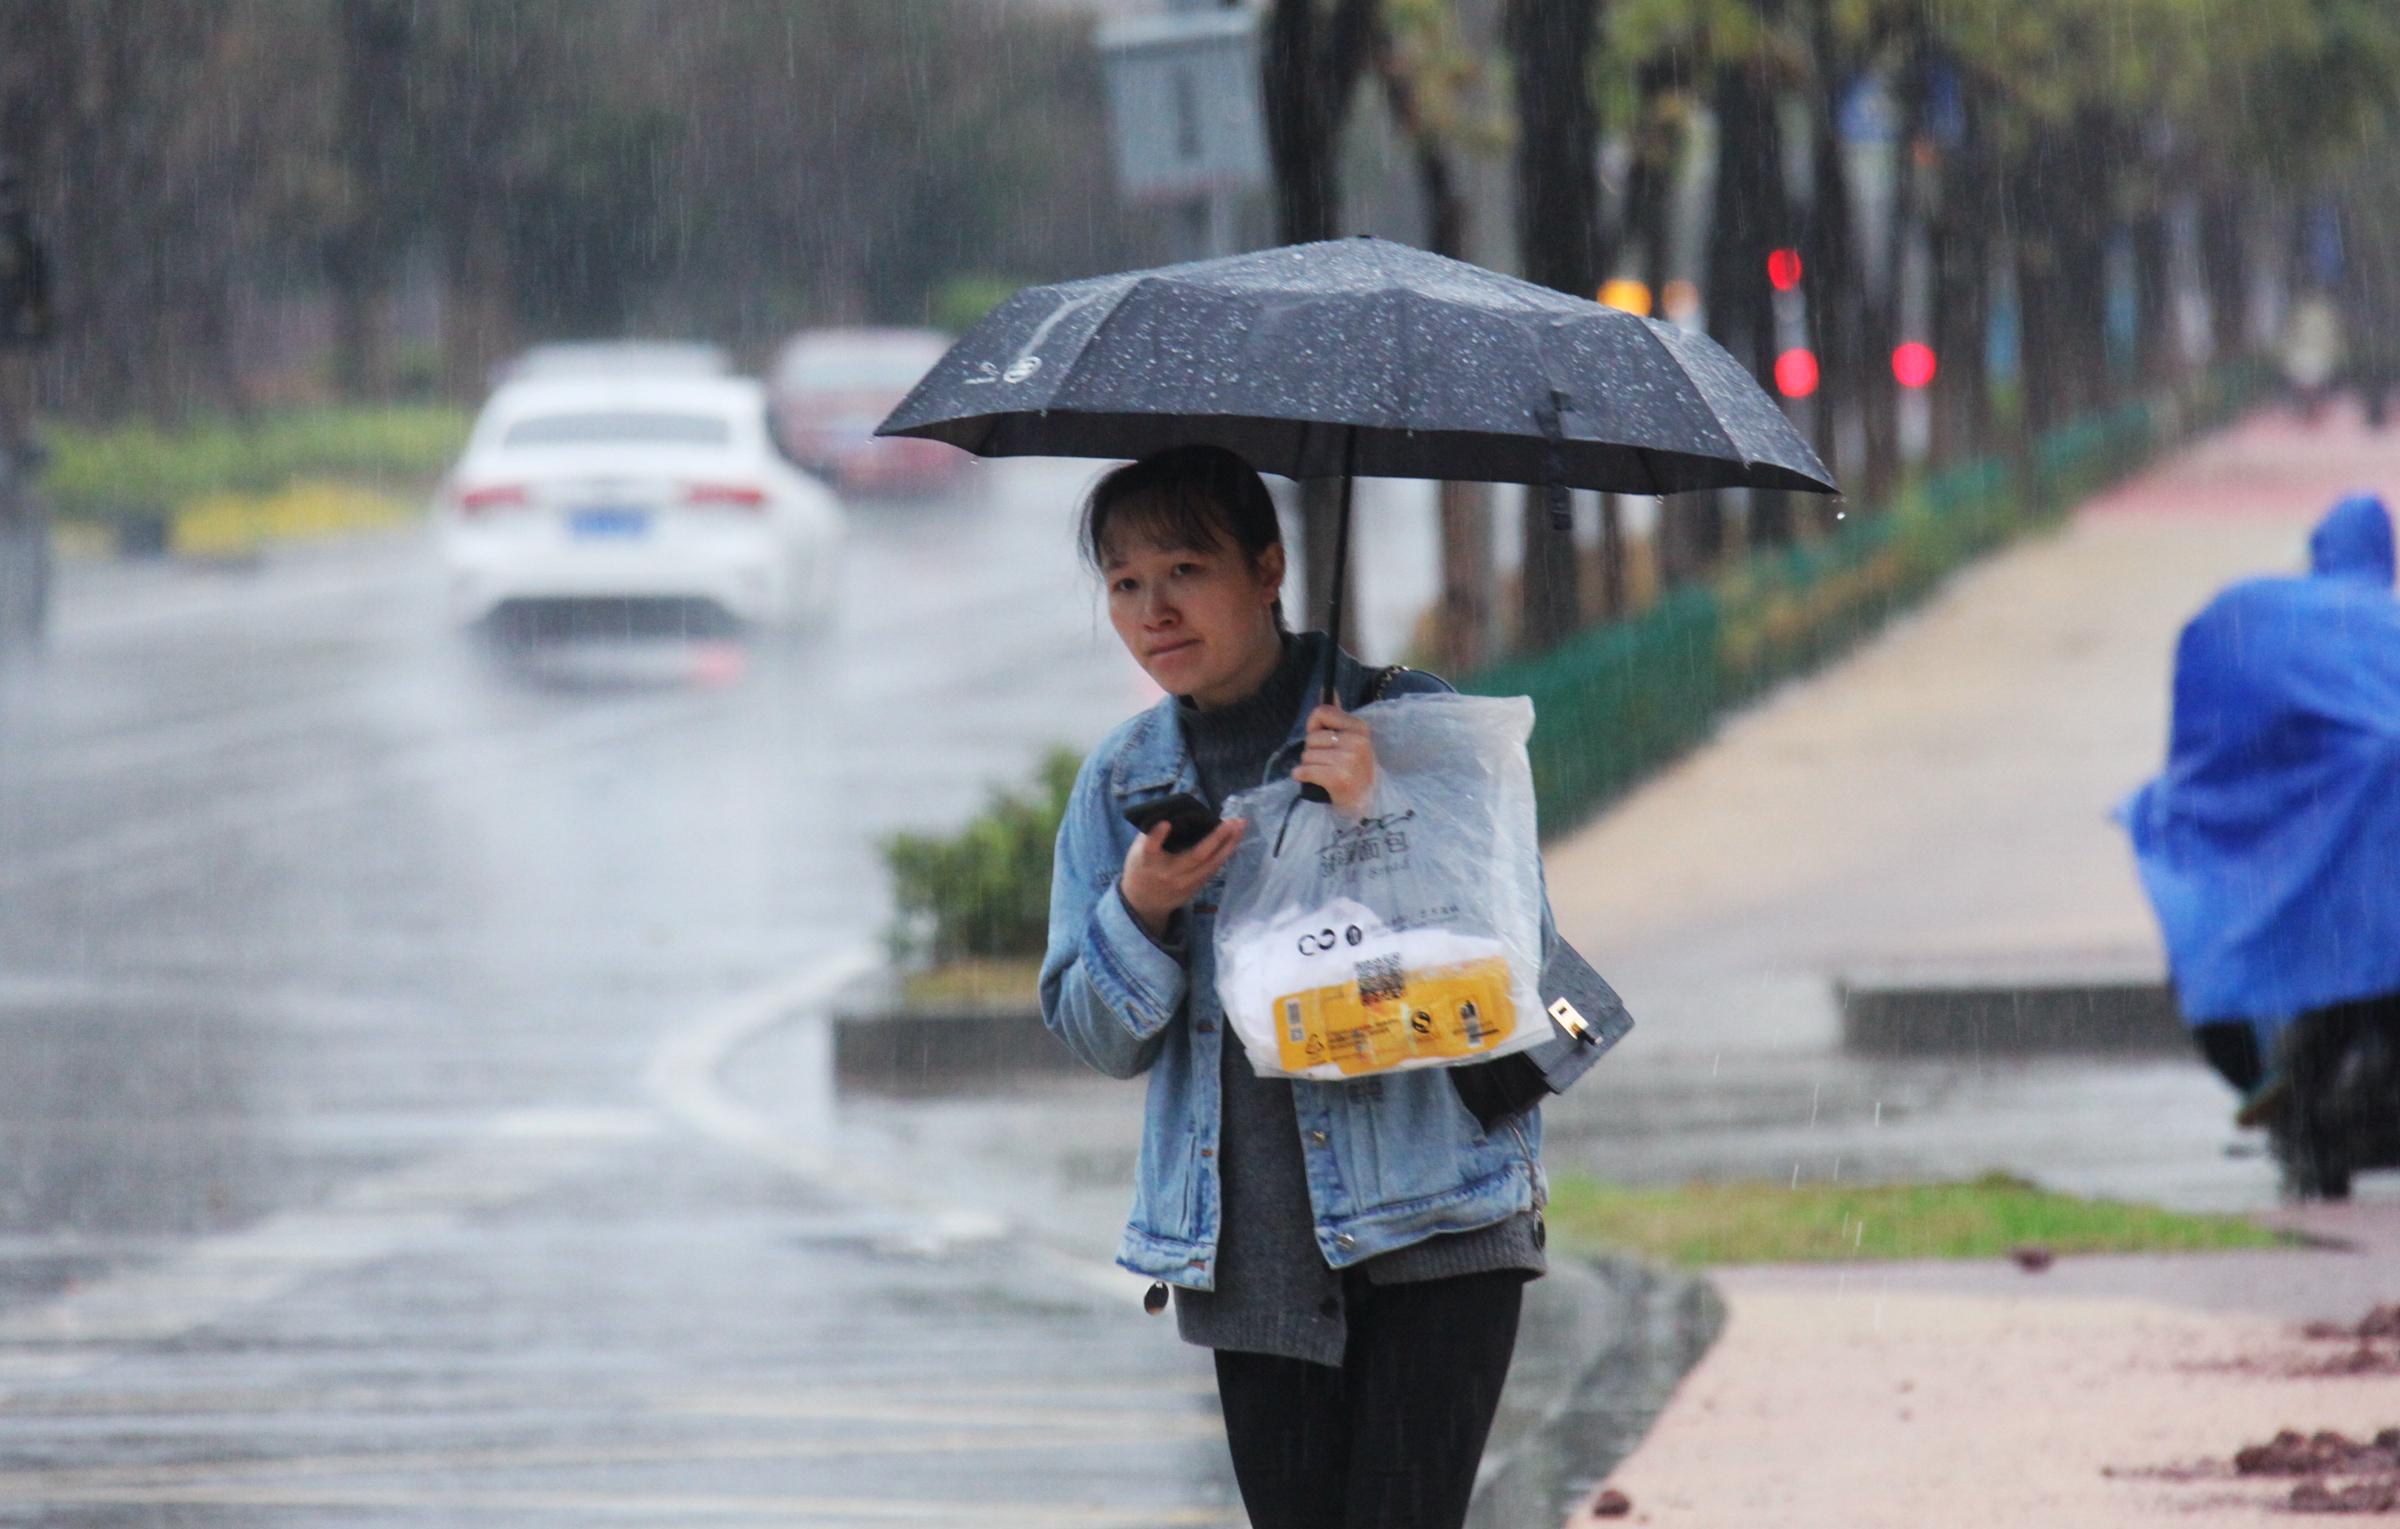 南昌遭遇狂风暴雨 街头广告牌被掀翻